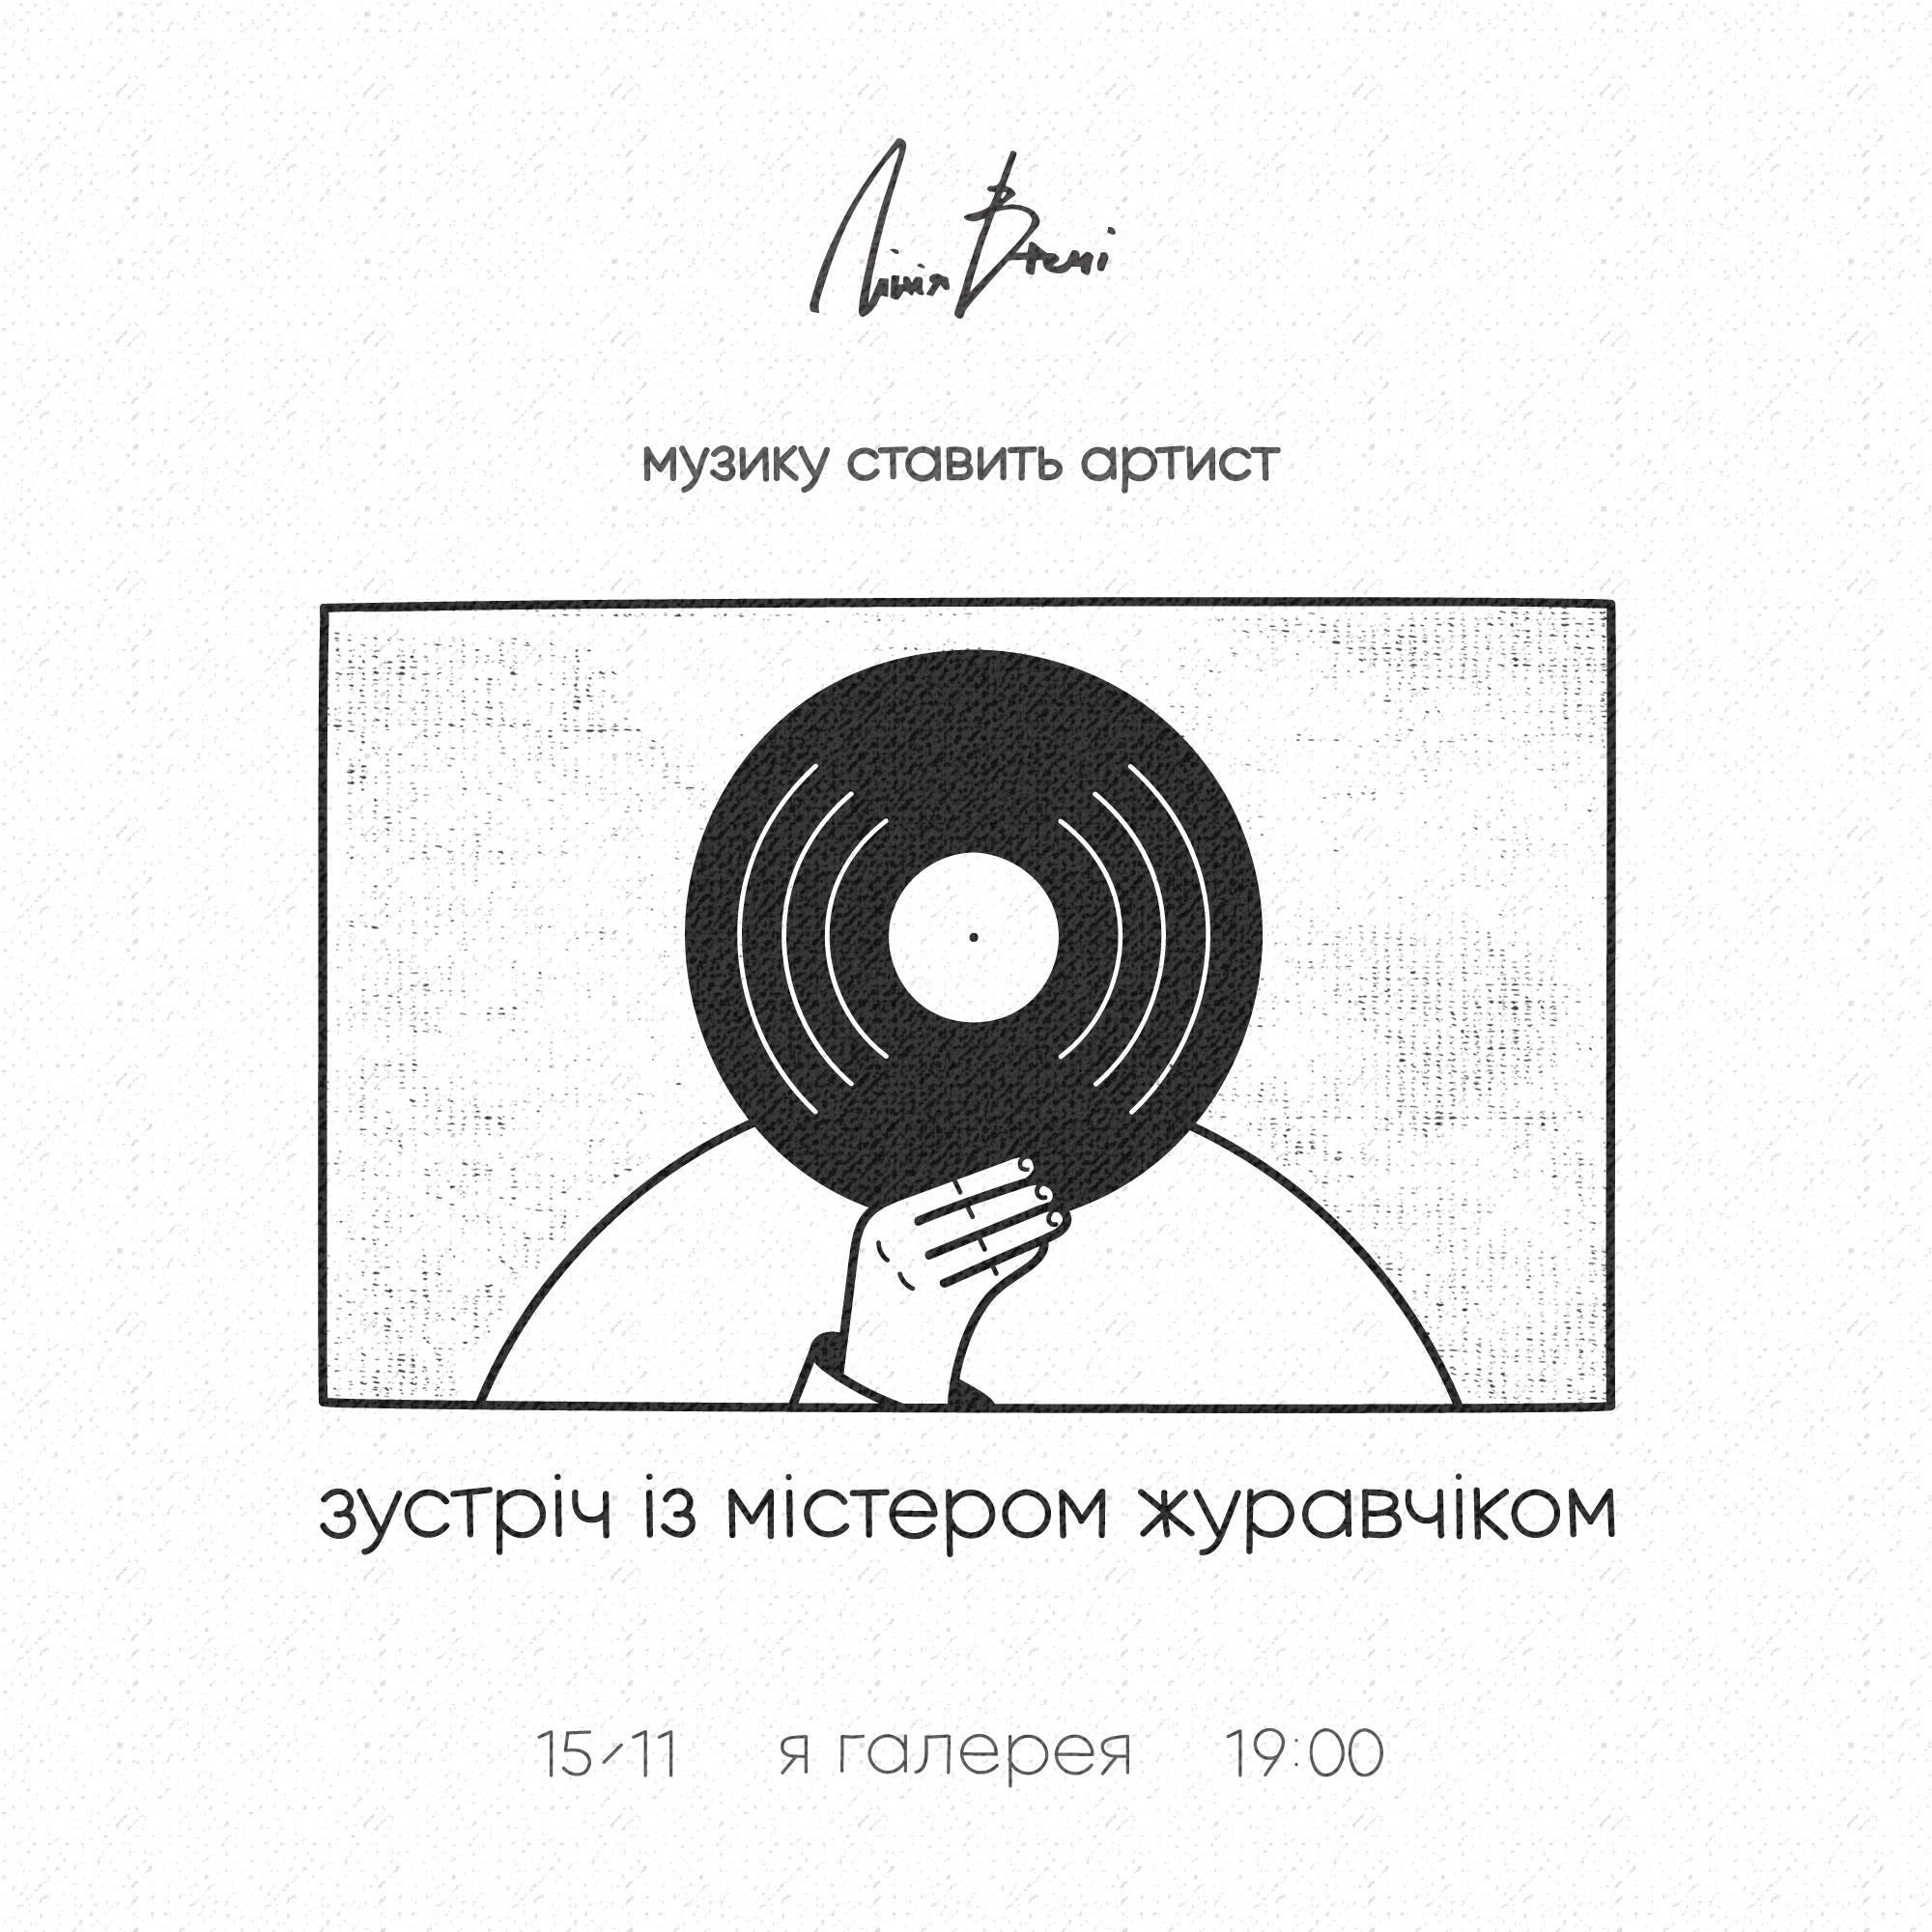 Музику ставить артист. Зустріч із Містером Журавчіком / 15.11